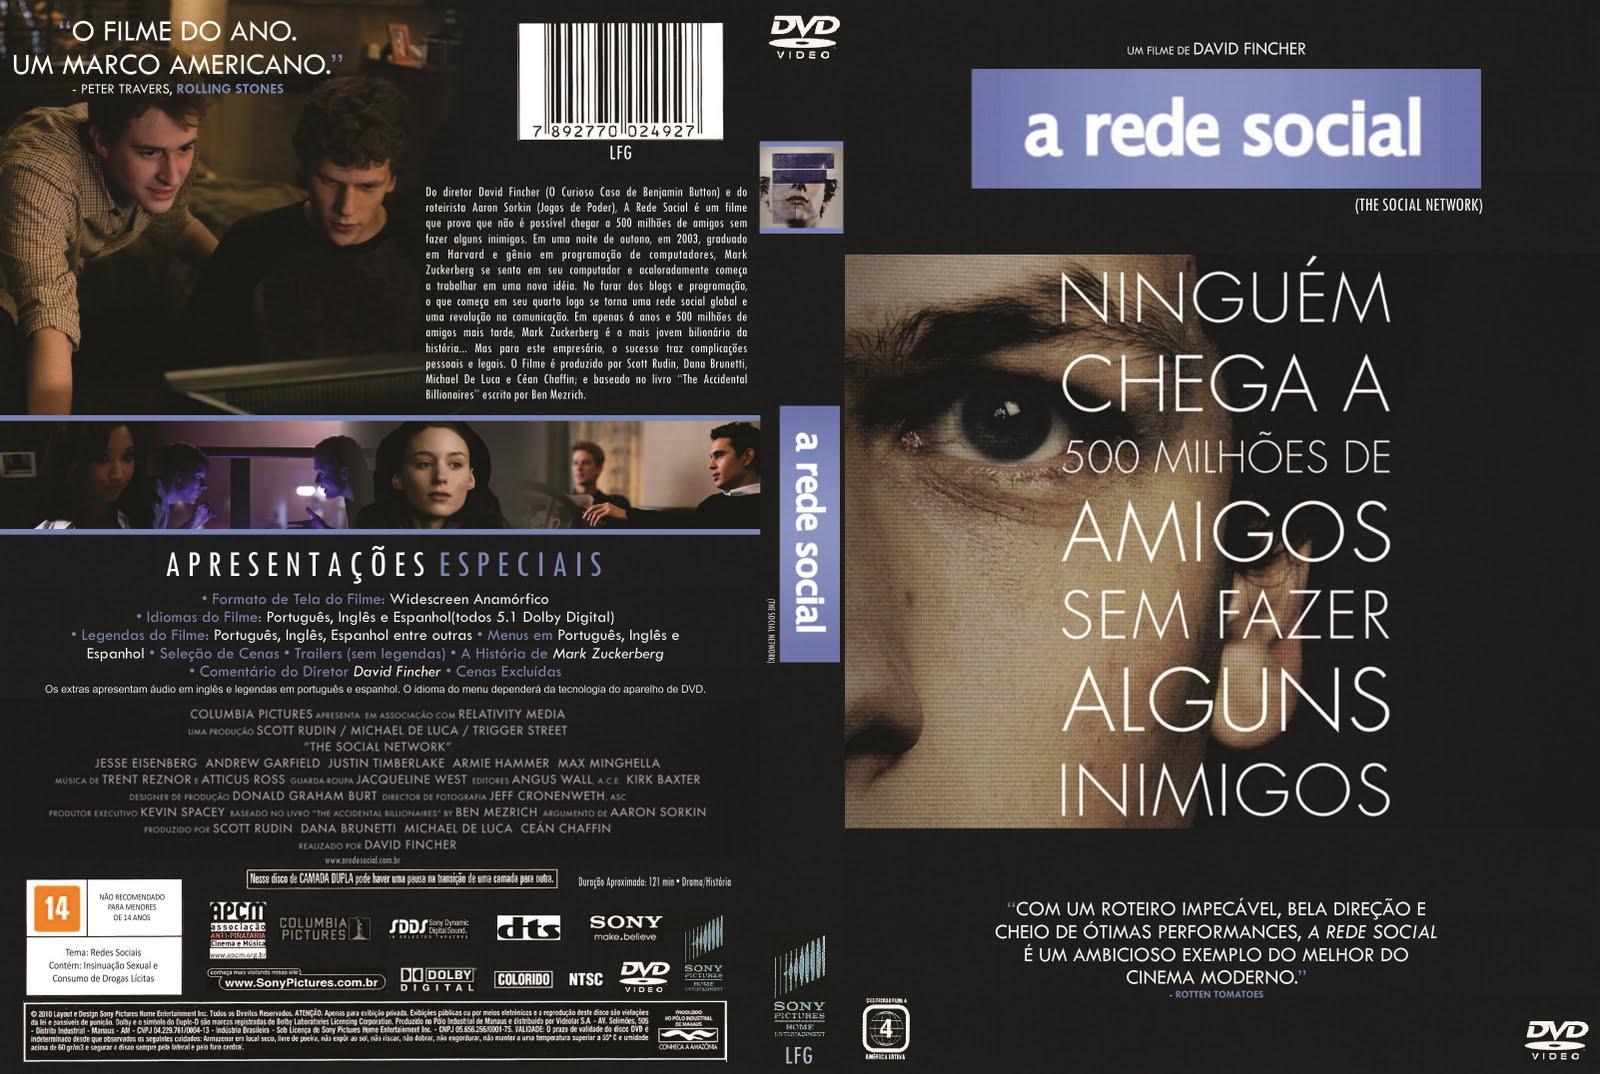 Cosmópolis Filme Beautiful blog dos ligados: filmes e séries que saem da netflix em setembro